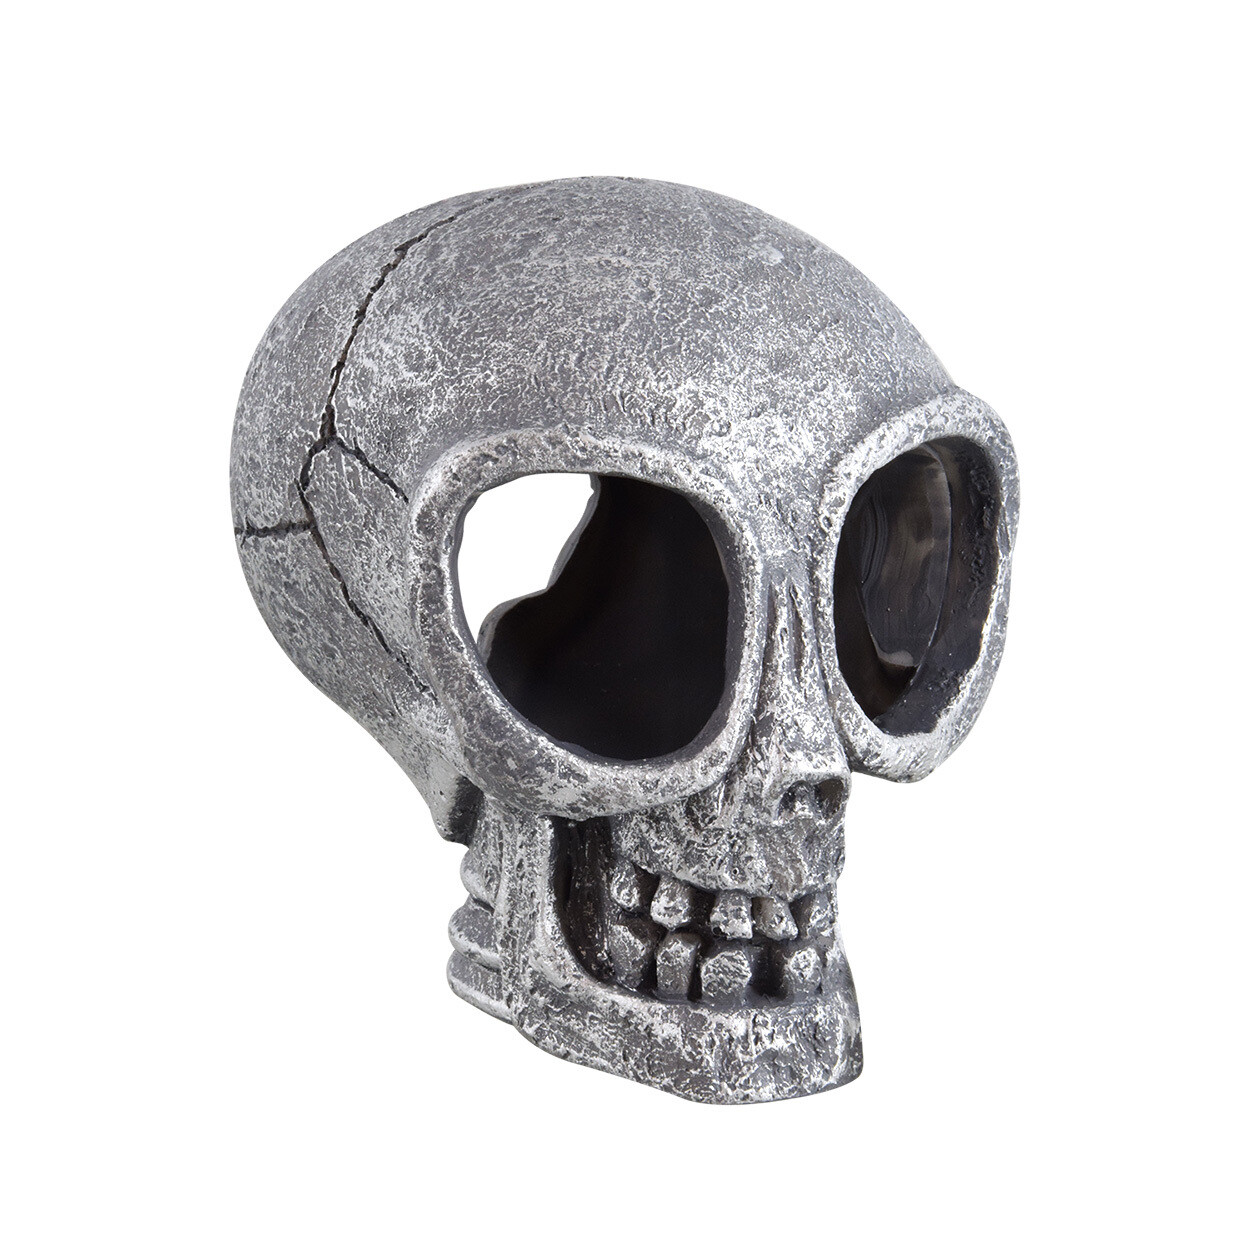 Underwater Treasures Alien Skull